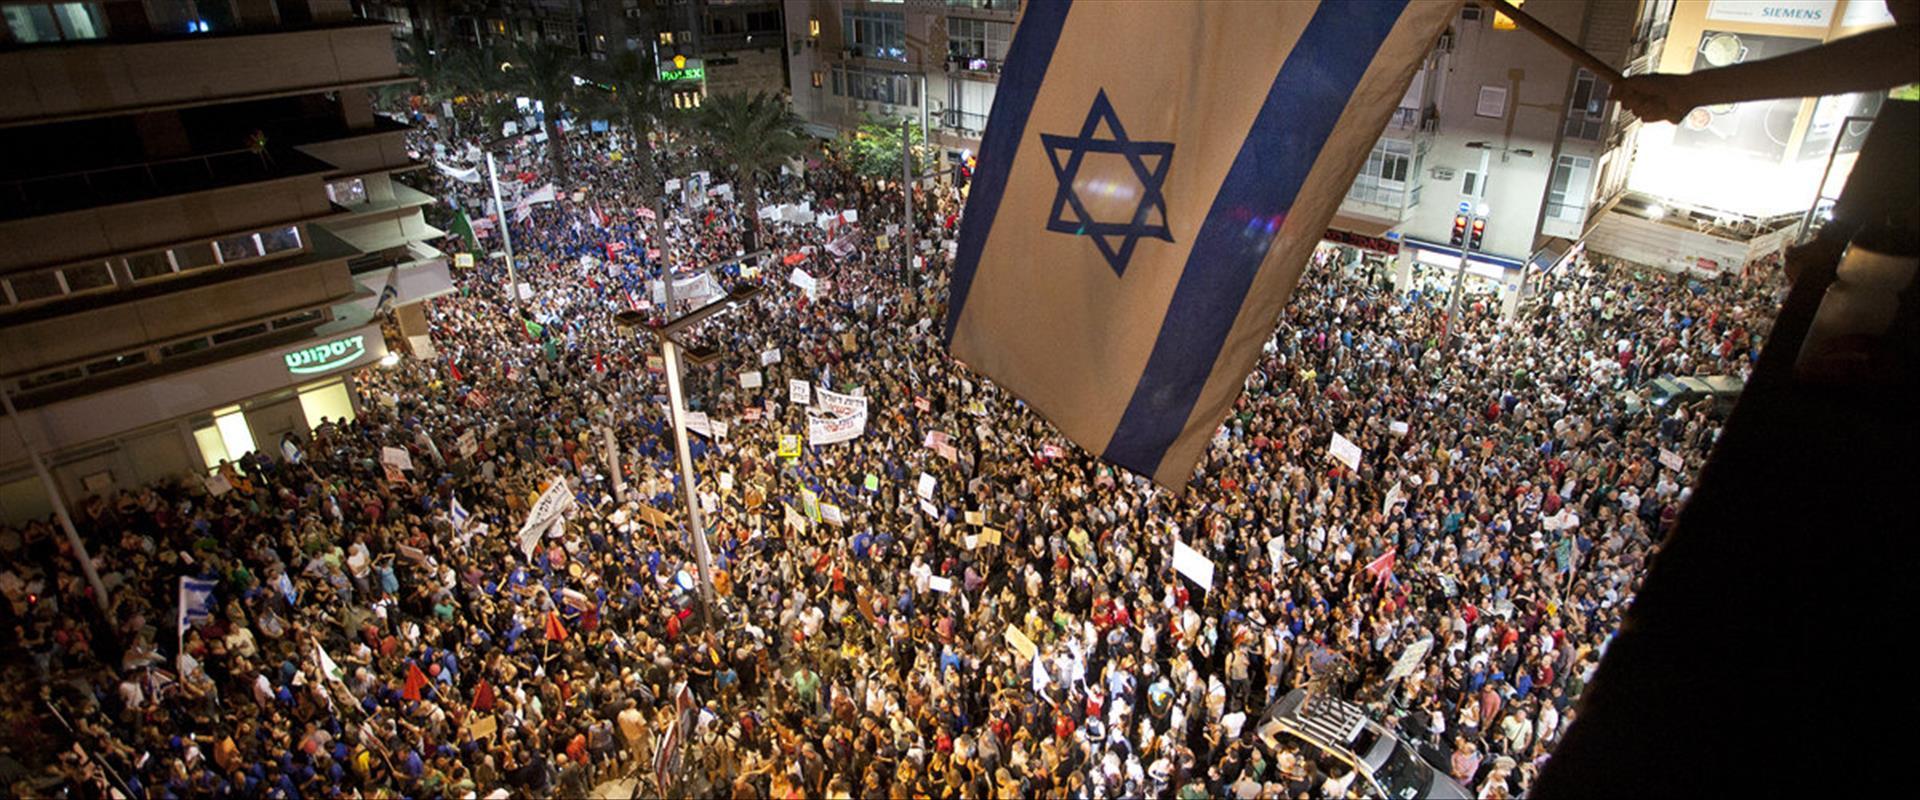 עשרות אלפים מפגינים בתל אביב, 6.8.11